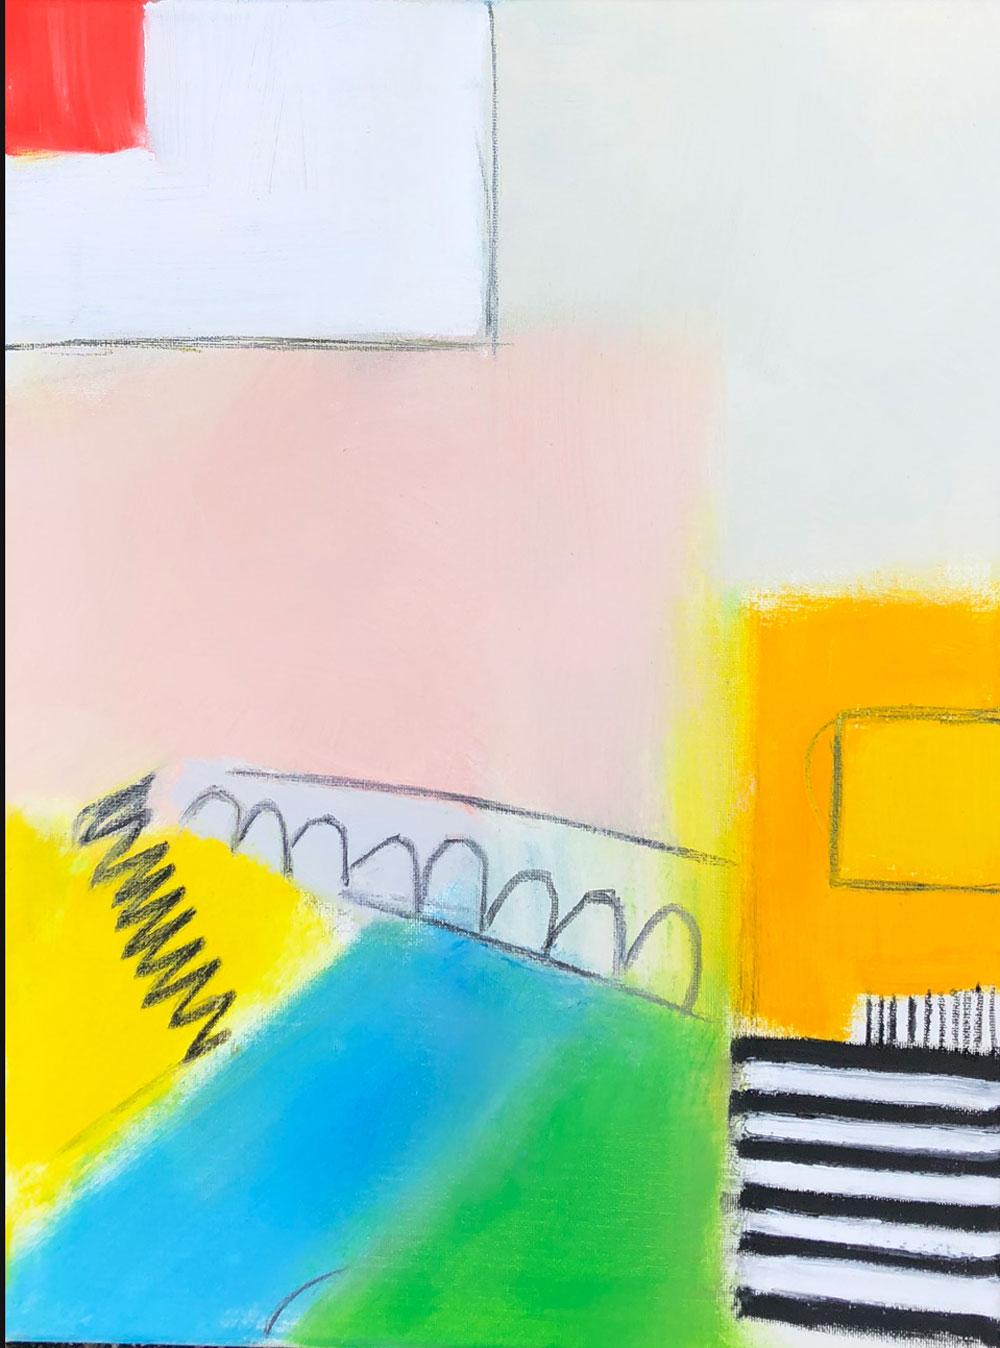 Sensitive to Circustances by Judy Hintz Cox | ArtworkNetwork.com